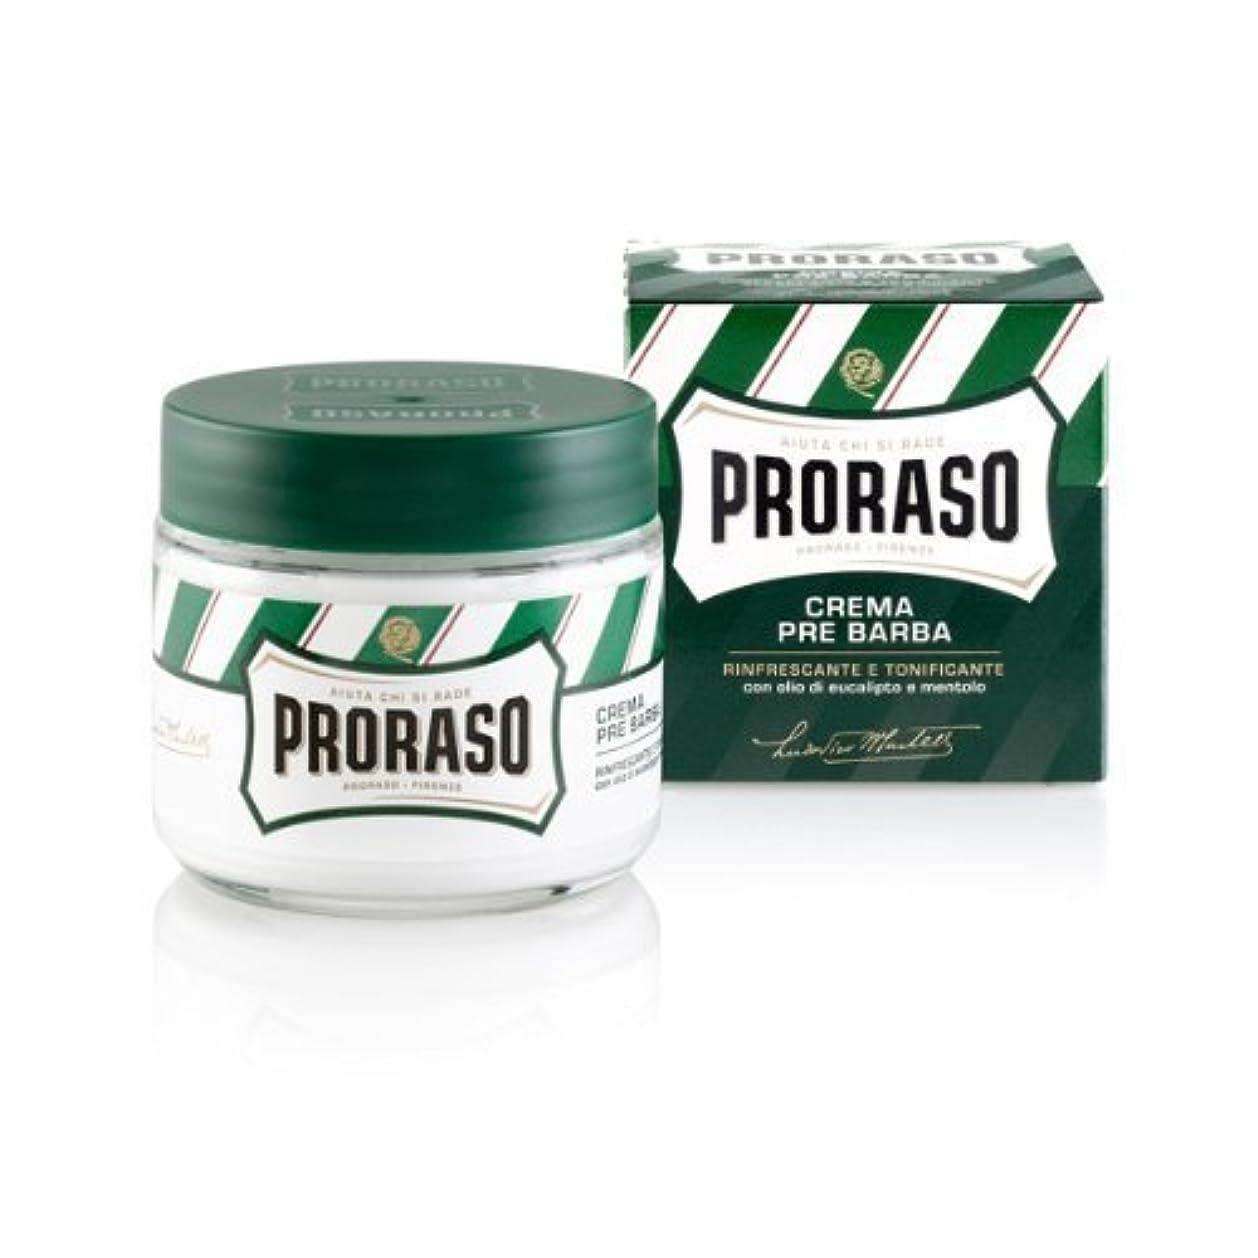 強化意志に反するファンドProraso Pre & Post Cream Menthol and Eucalyptus - New Formula - 3 PACK by Proraso [並行輸入品]